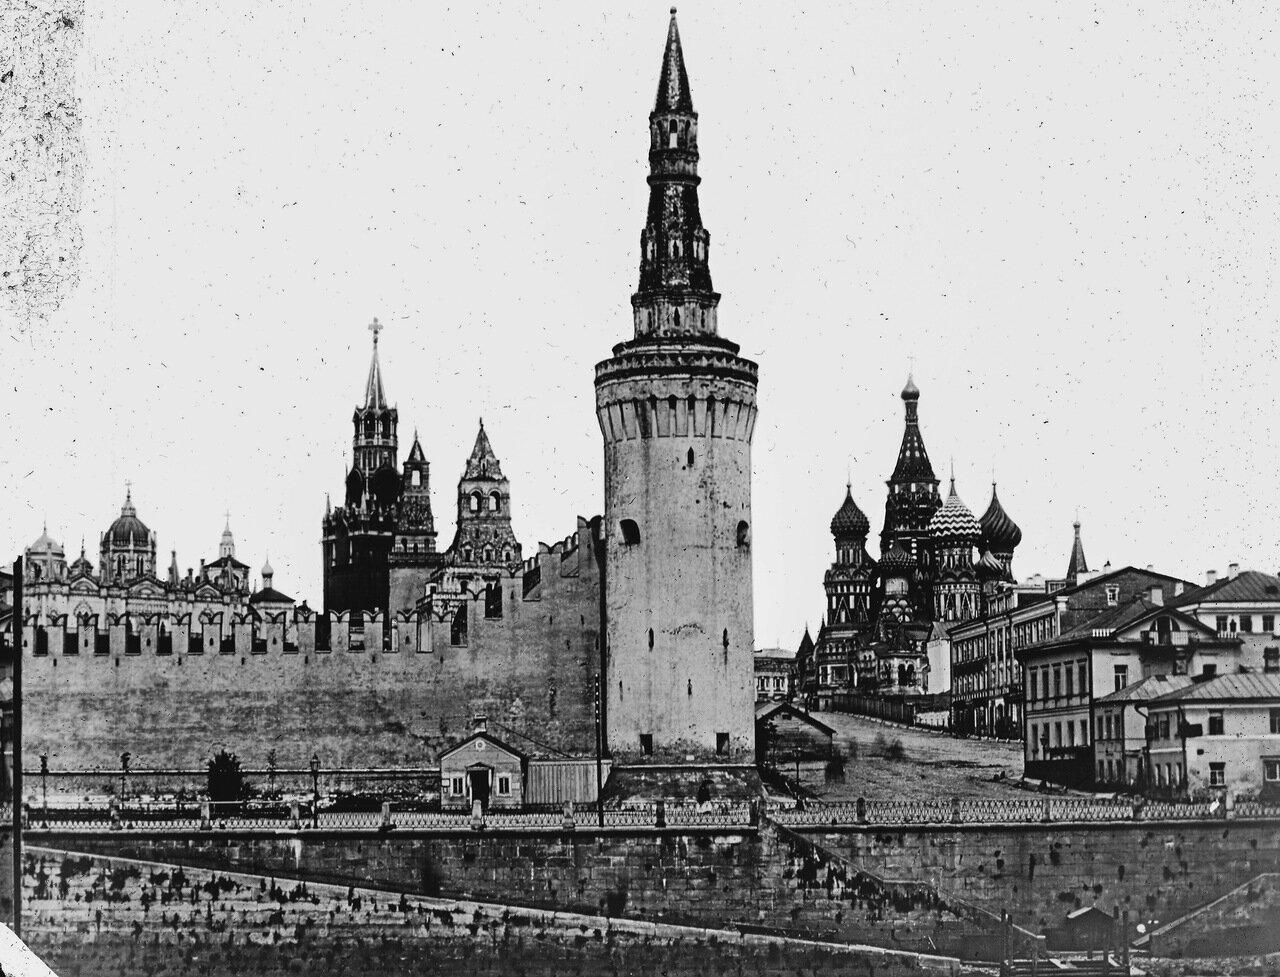 Беклемишевская (Москворецкая) башня Кремля.